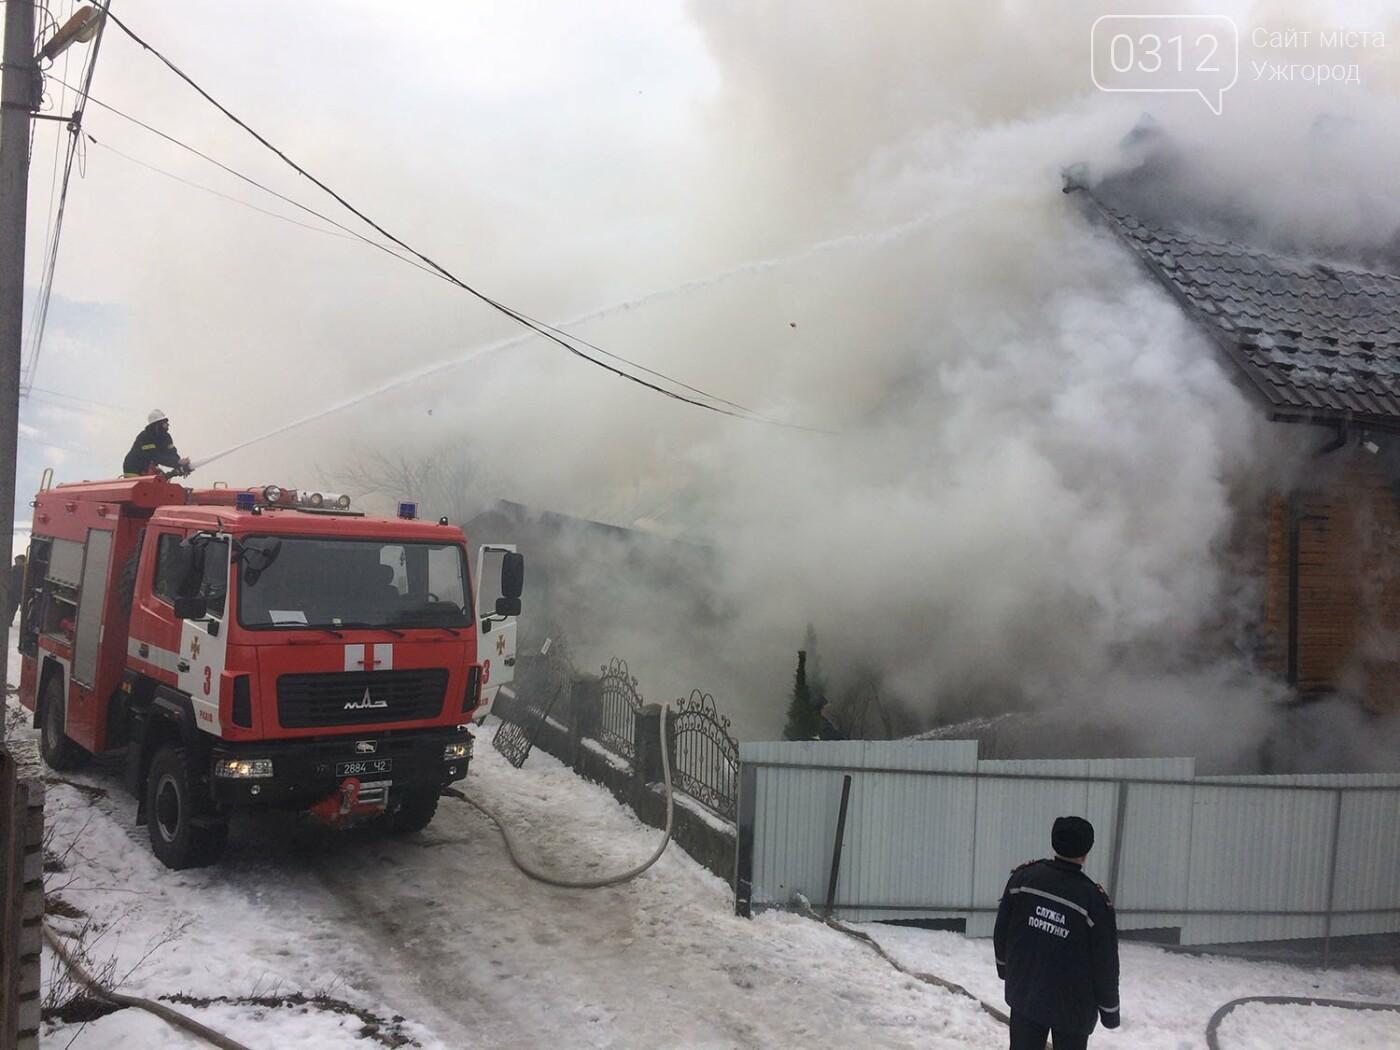 На Рахівщині палаючий будинок місцевого жителя гасили 12 рятувальників, вогонь знищив покрівлю і майно (ФОТО, ВІДЕО), фото-2